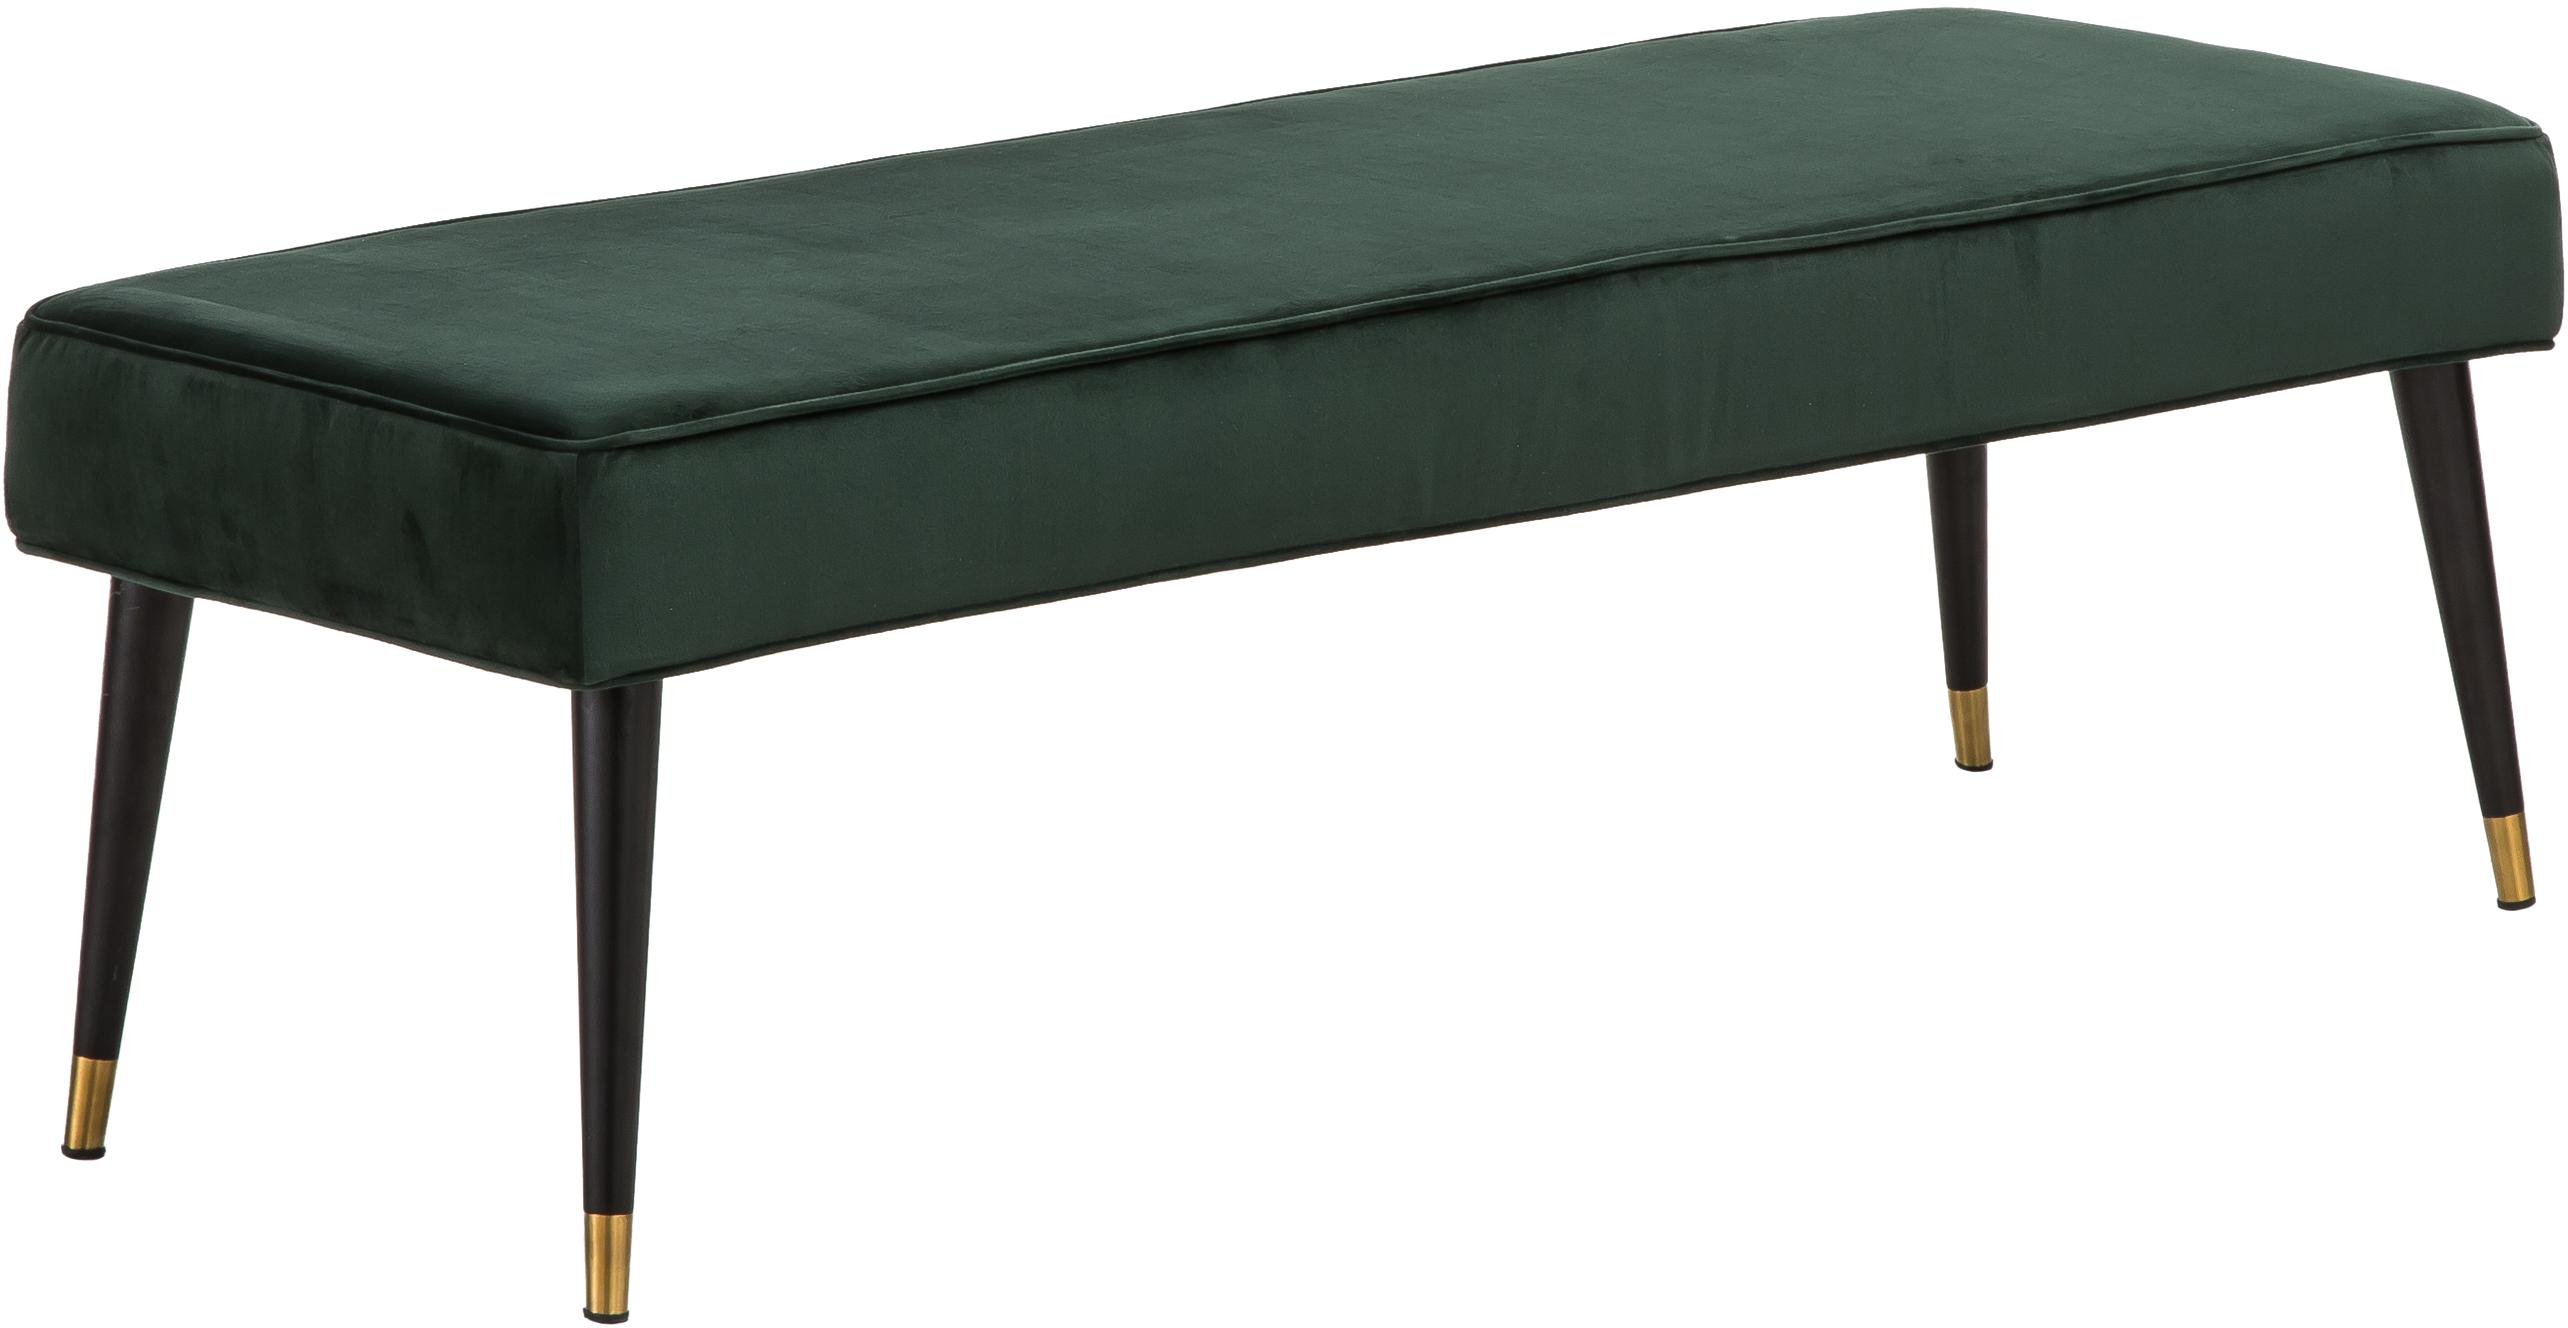 Samt-Sitzbank Beverly, Bezug: Samt (Polyester) 50.000 S, Gestell: Eukalyptusholz, Beine: Metall, pulverbeschichtet, Dunkelgrün, 140 x 46 cm